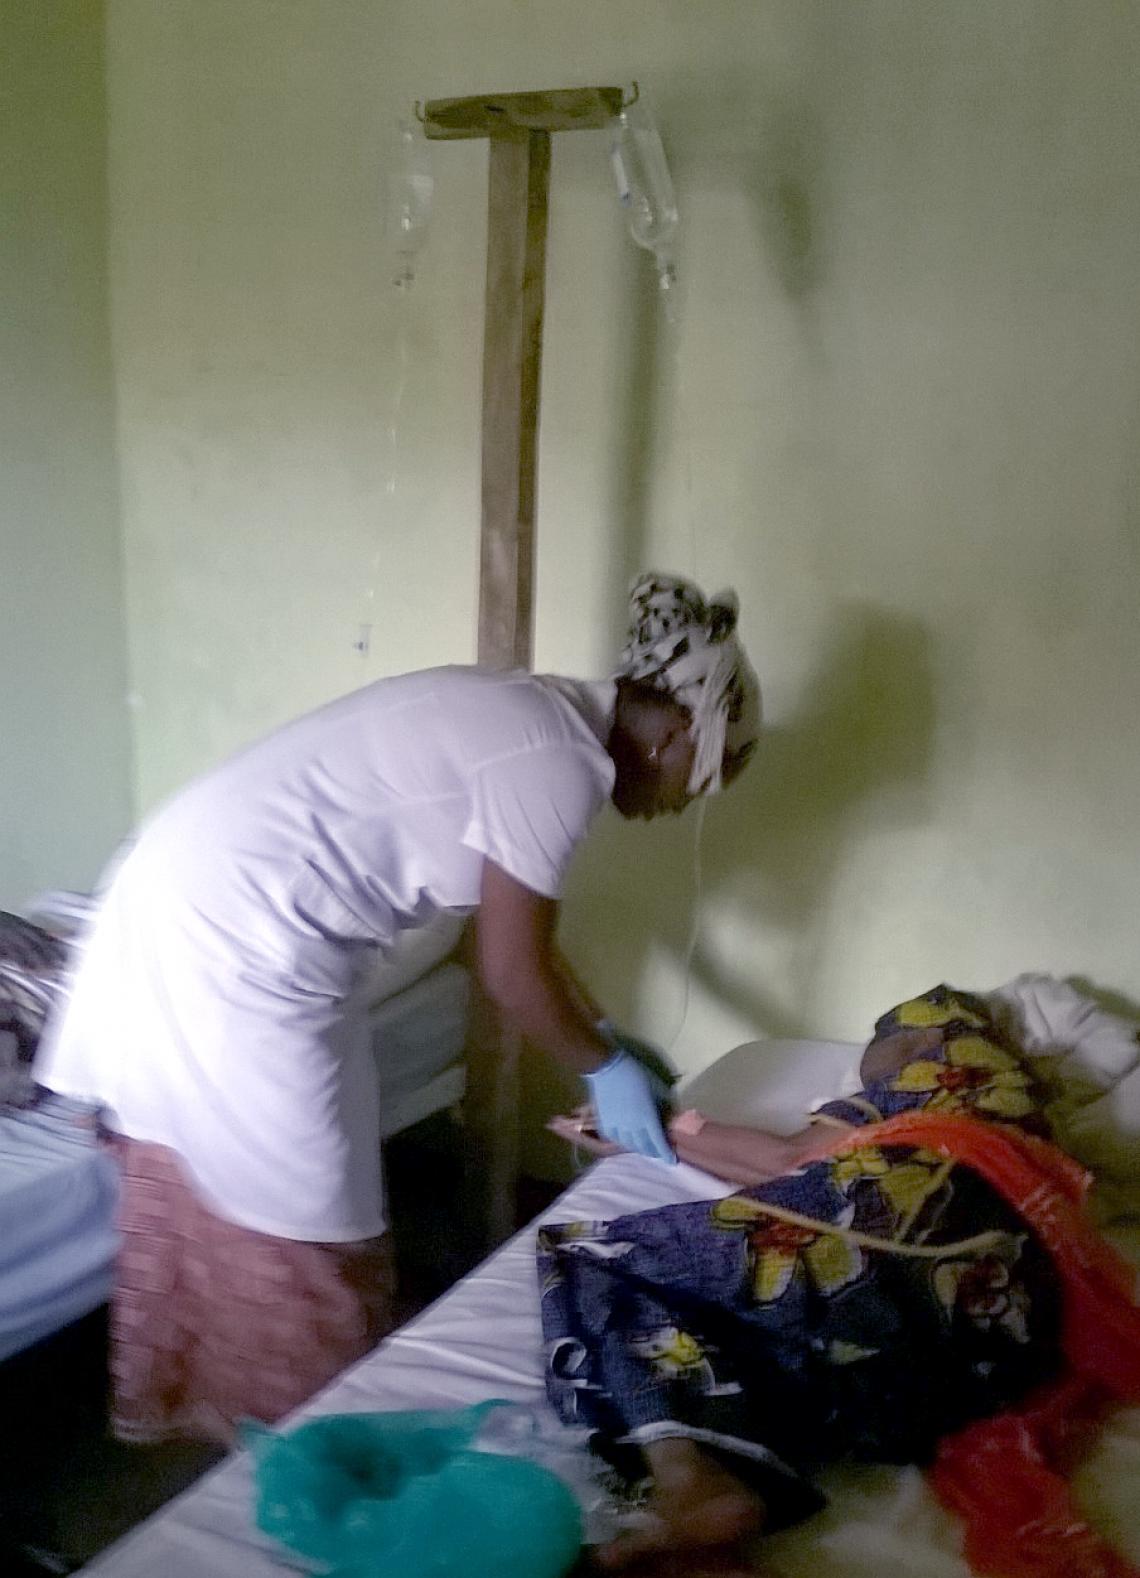 Verpleegster aan het werk met infuus voor patiënt